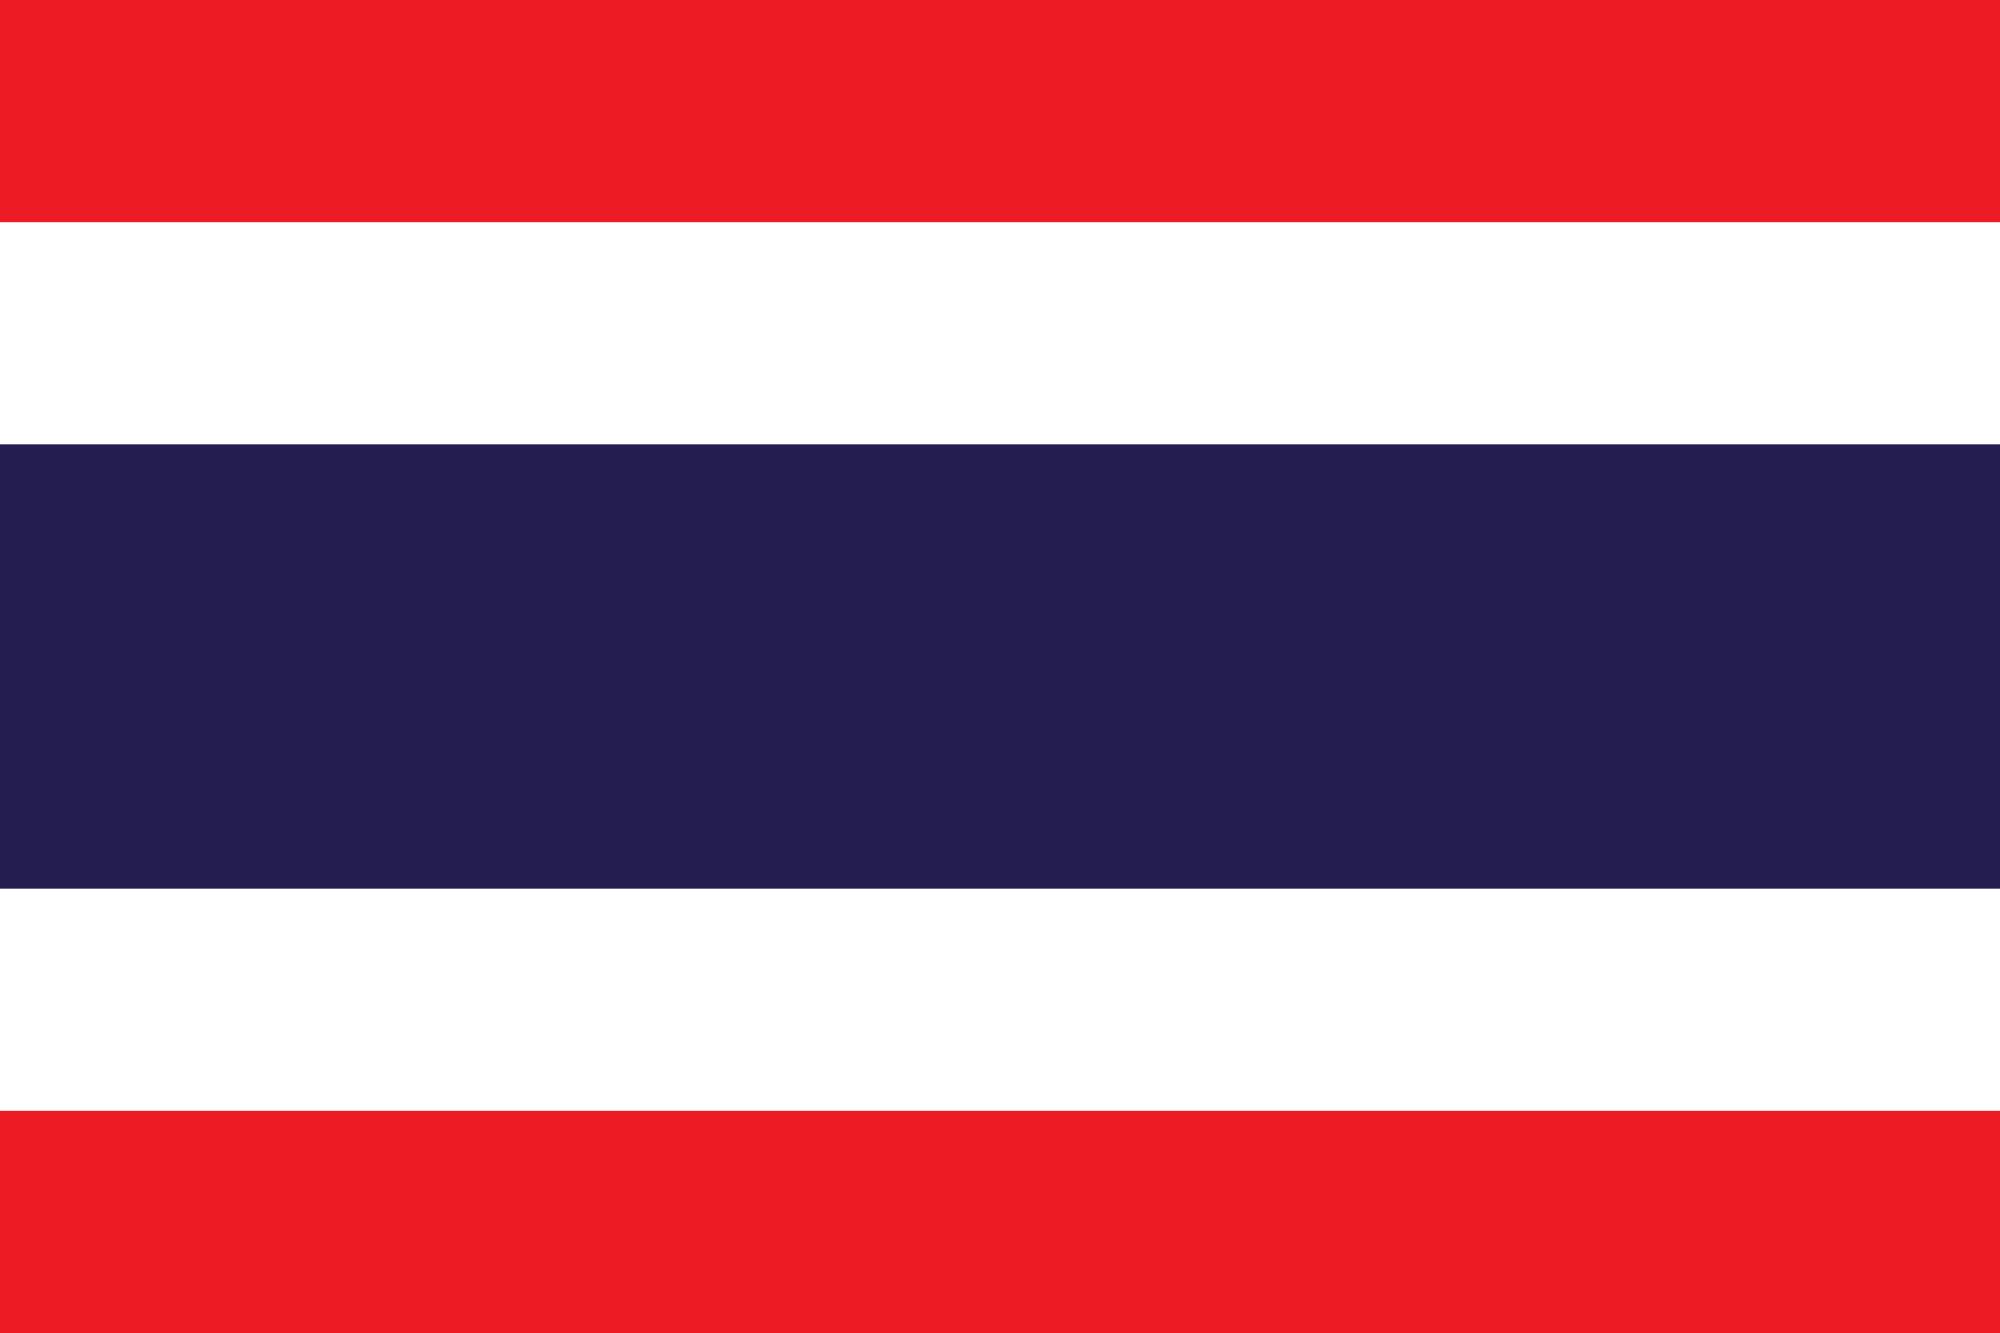 Таиланд флаг в векторном формате (SVG) .